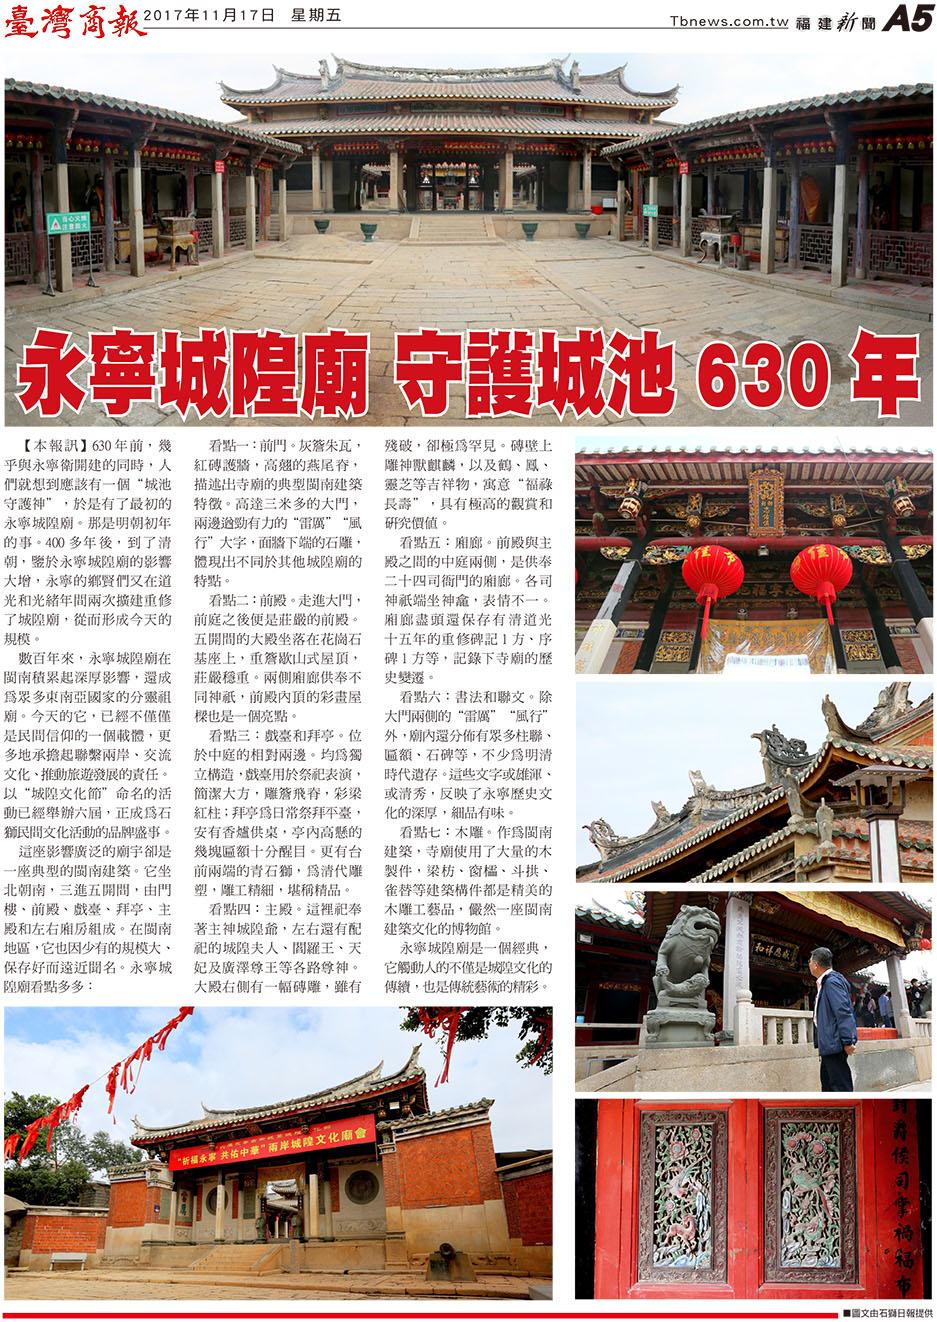 永寧城隍廟 守護城池 630 年